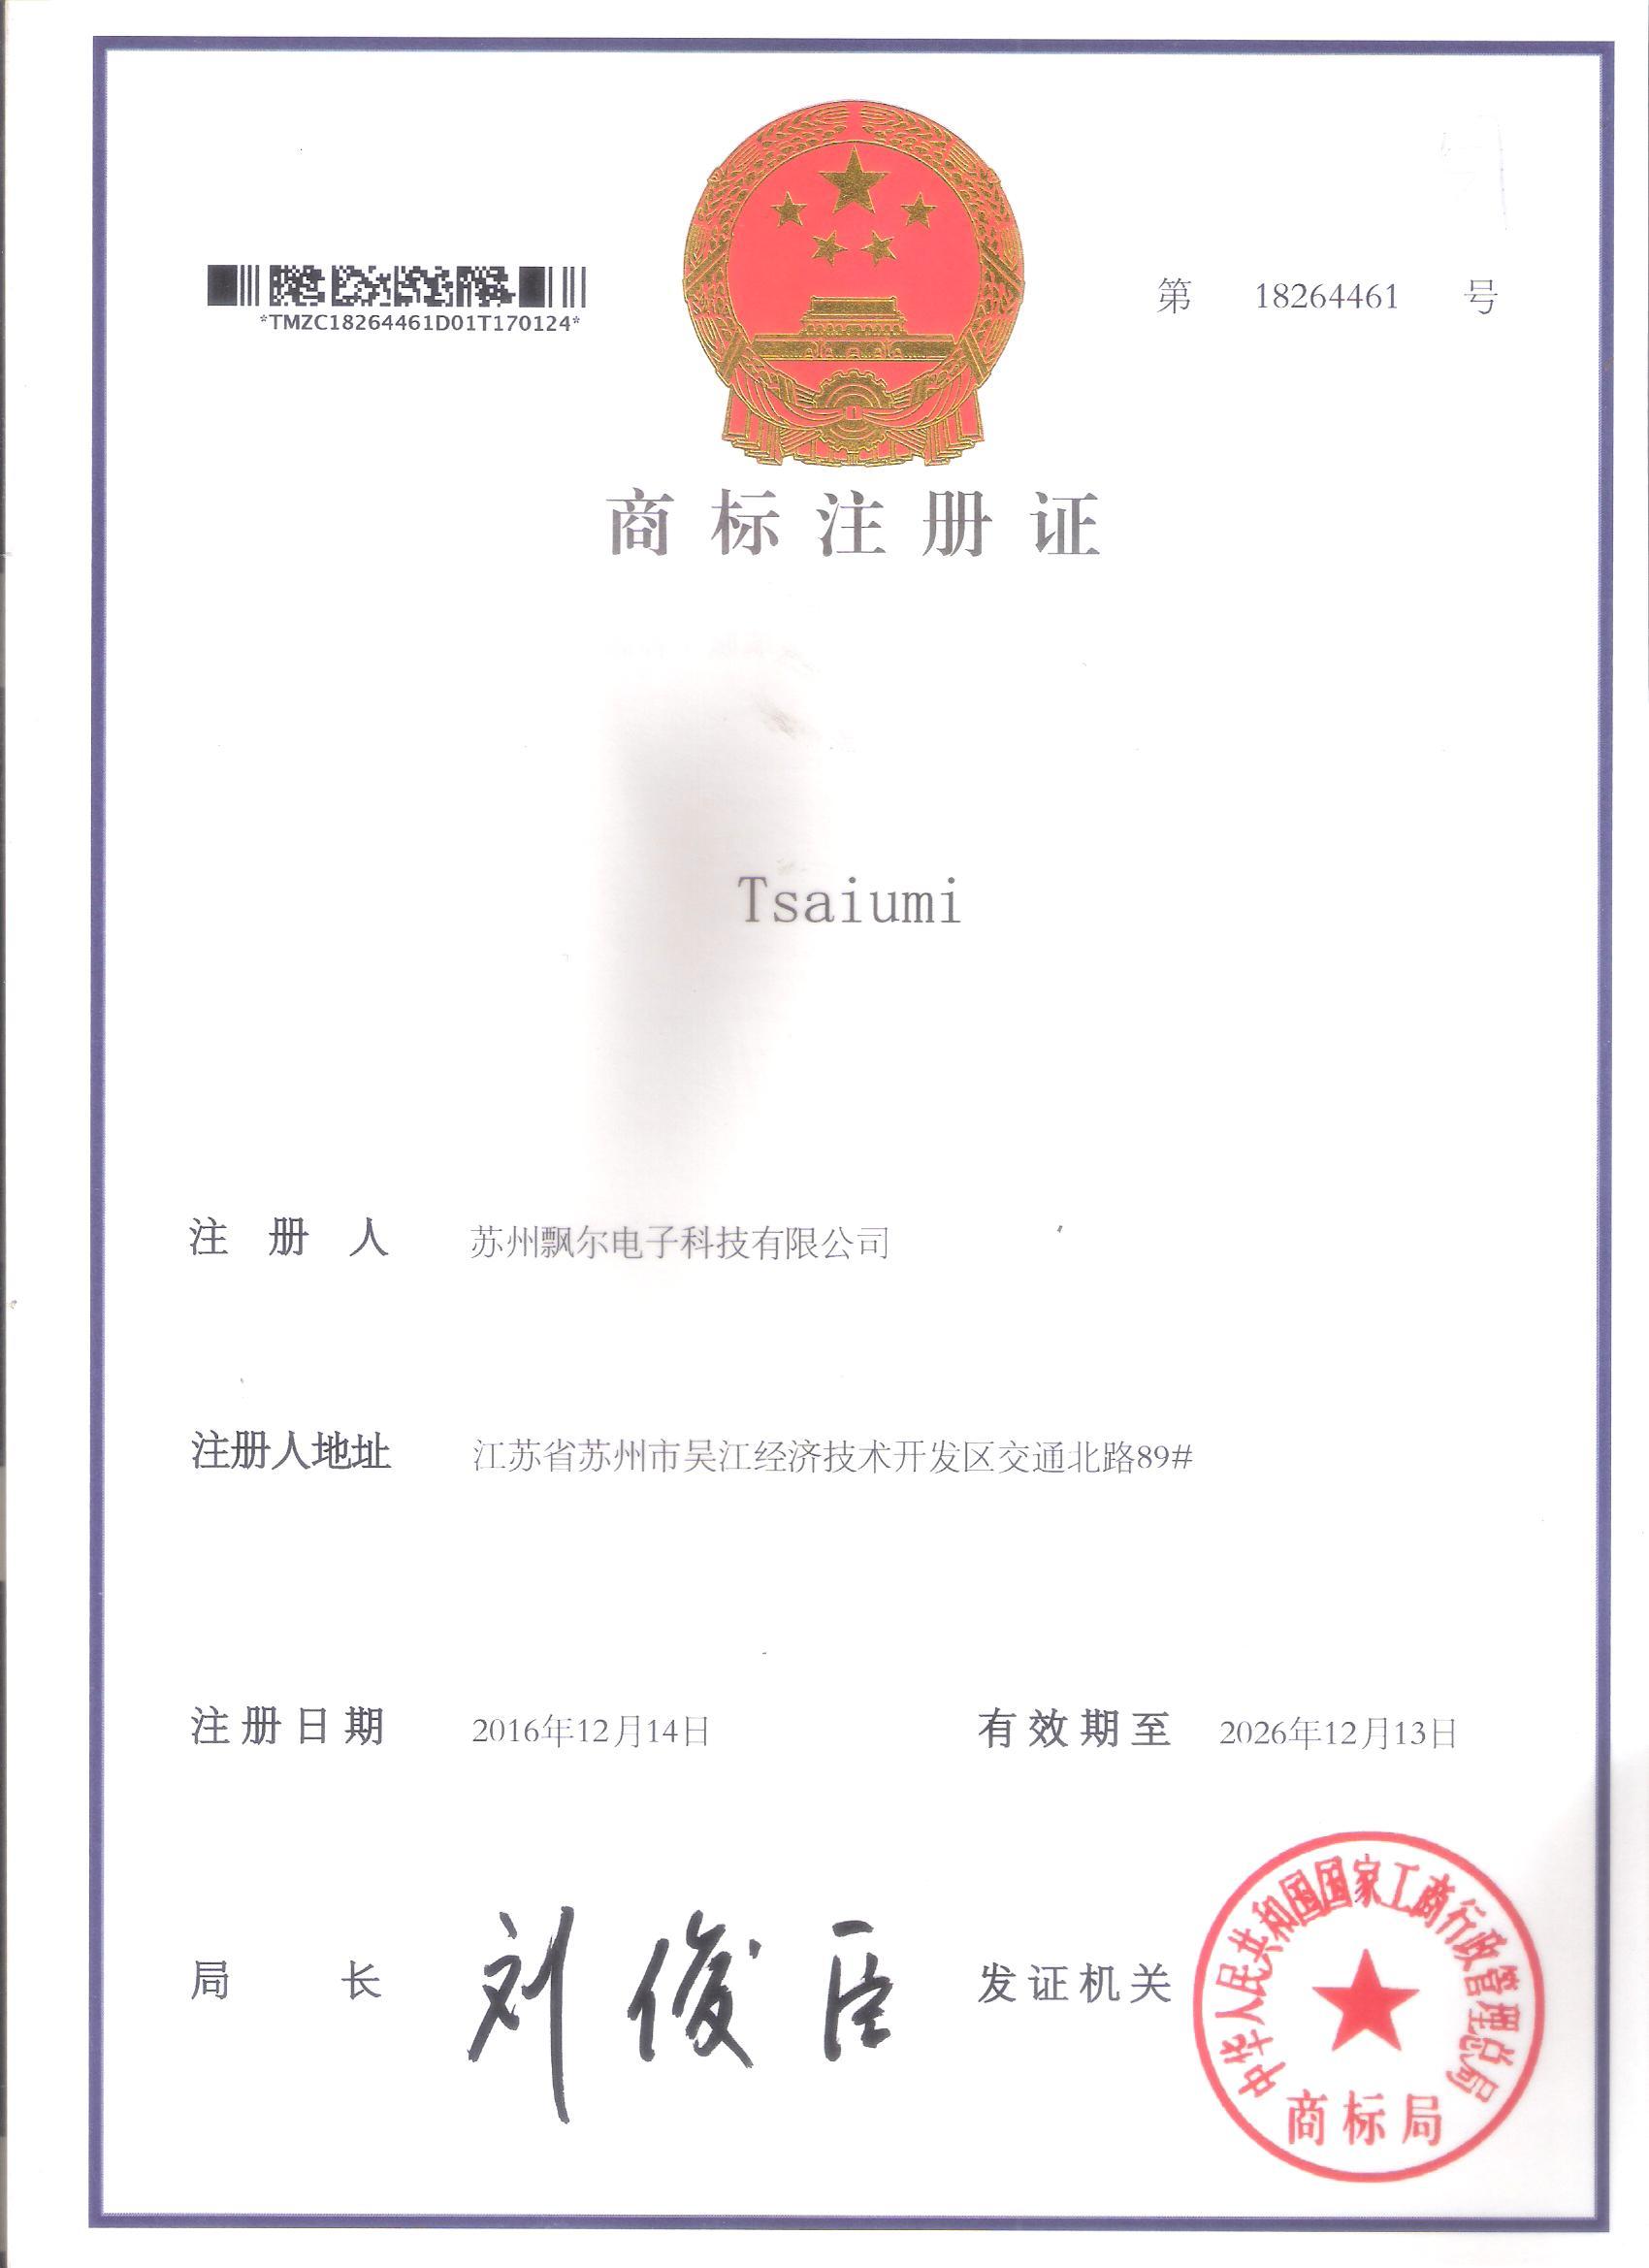 萨优美(Tsaiumi)